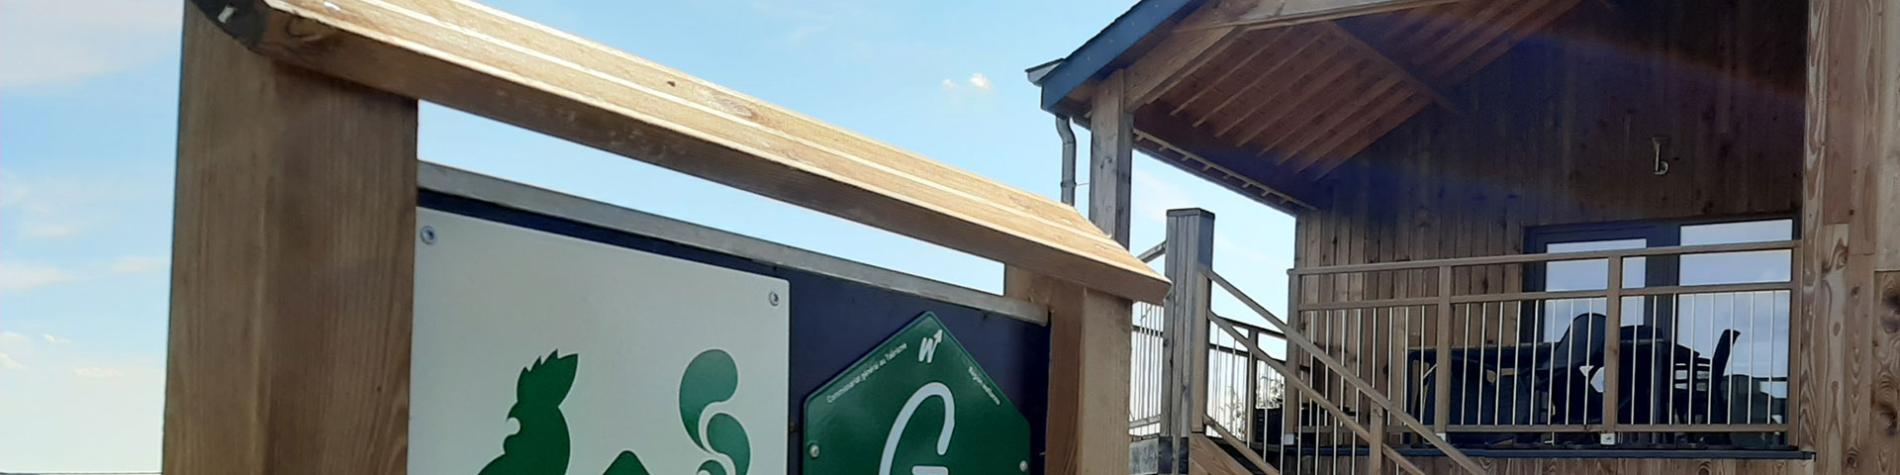 Les Deux petits Pommiers - Gîte rural à Bouillon - extérieur - panneaux